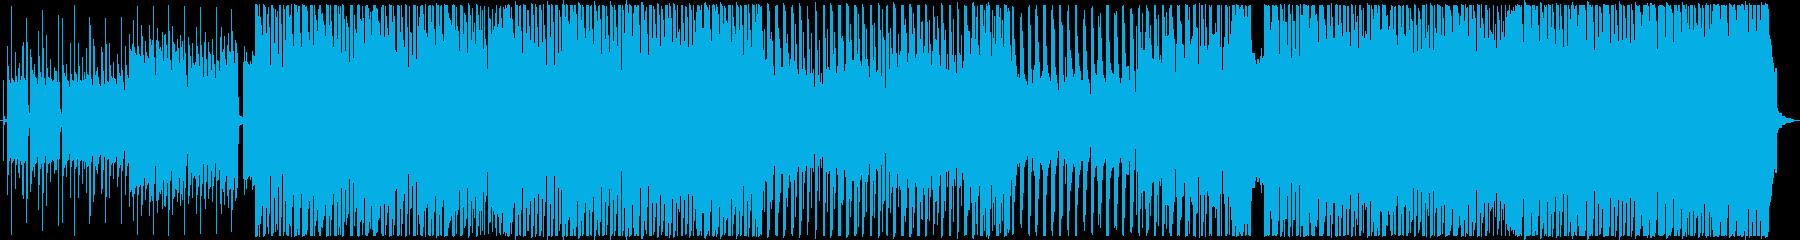 インディーロック 実験的 ポジティ...の再生済みの波形